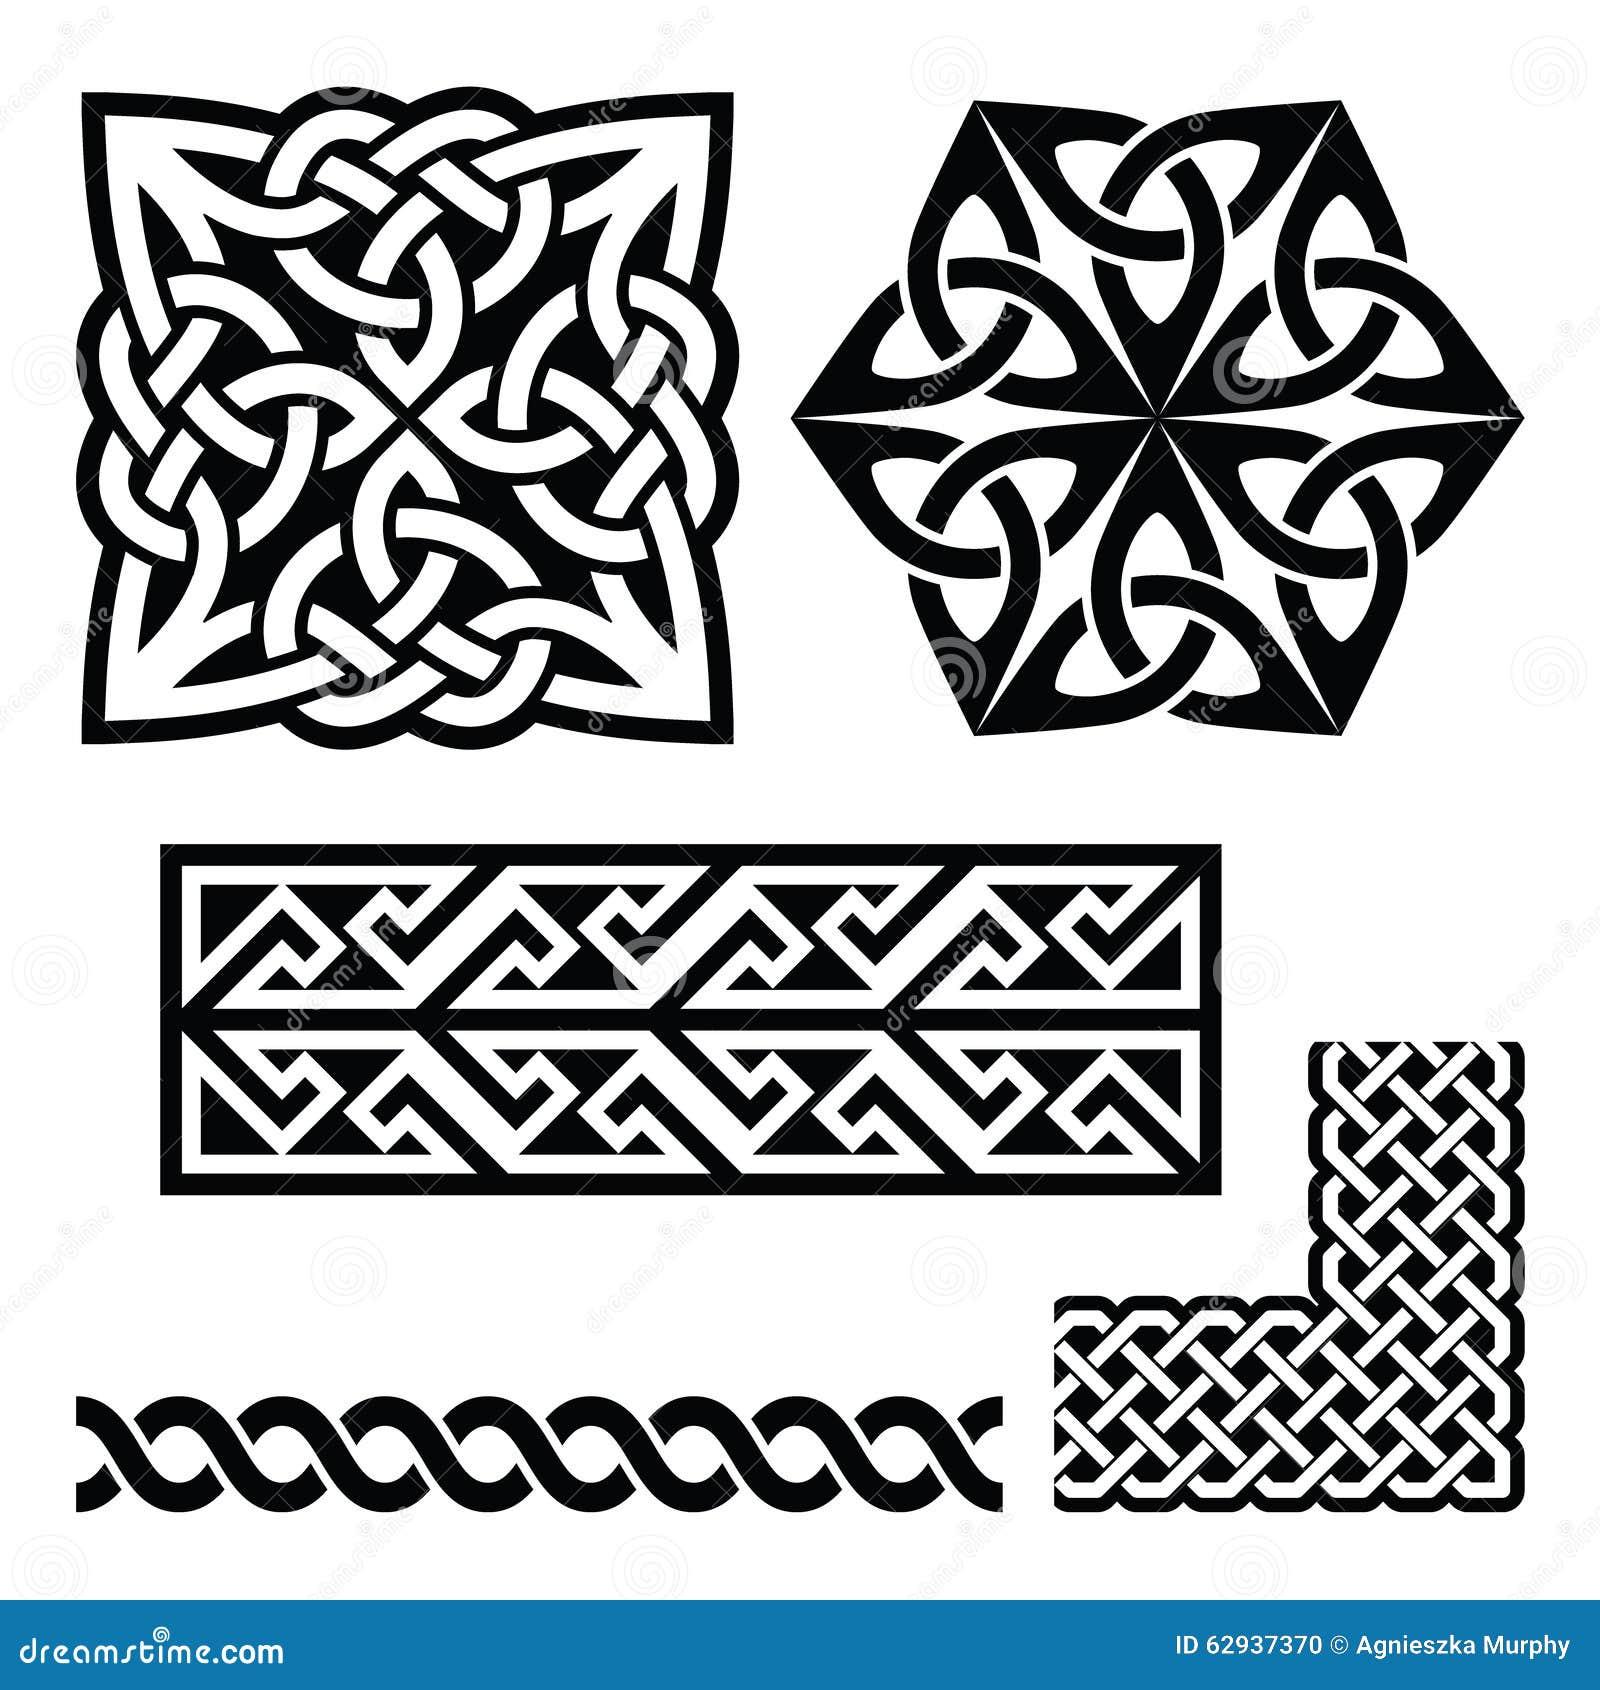 Celtic Irish And Scottish Patterns Knots Braids Key